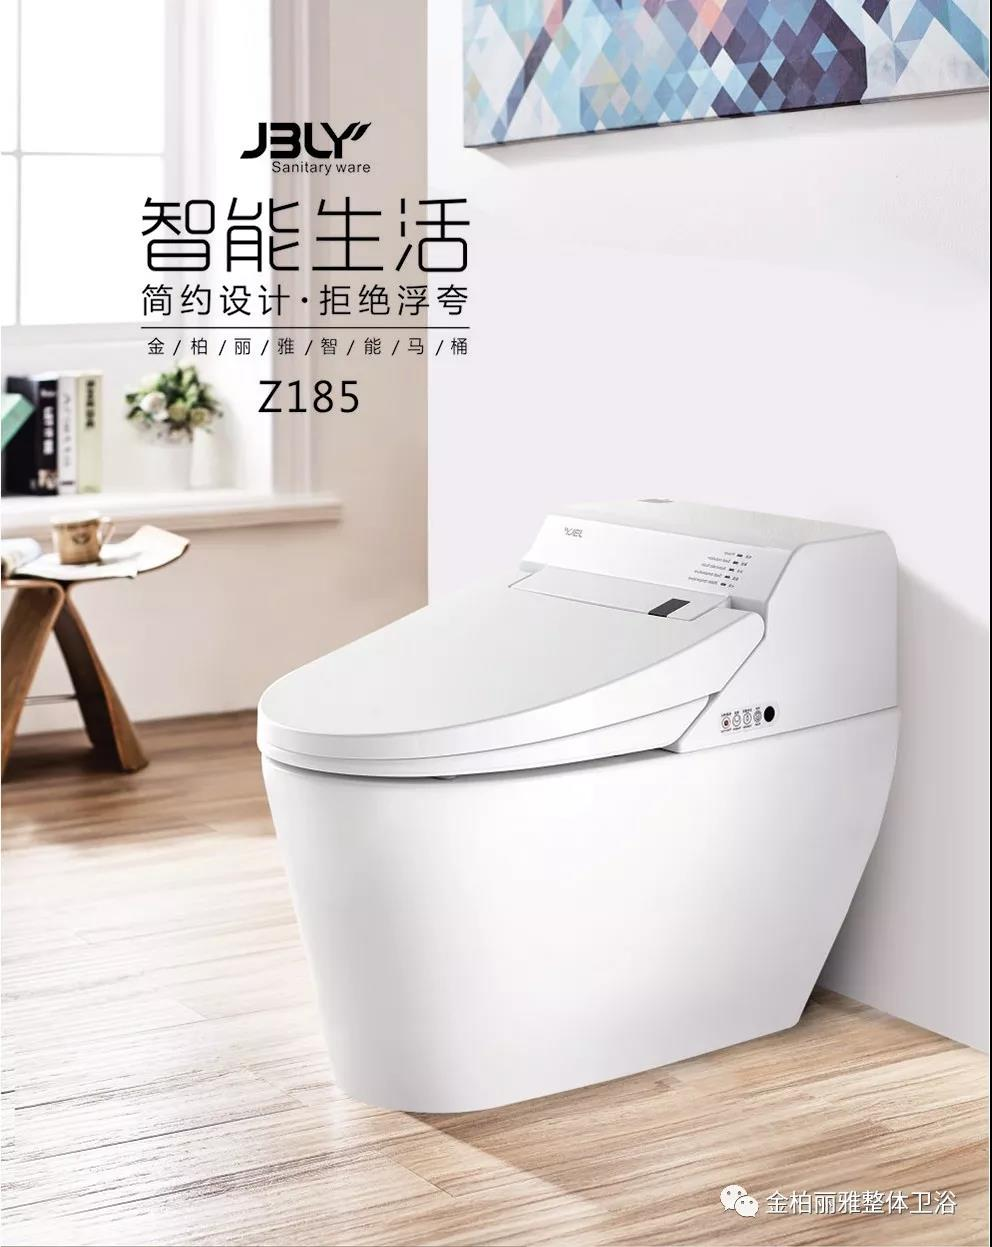 深化厕所革命进程,睿静Z185智能马桶智享卫浴生活